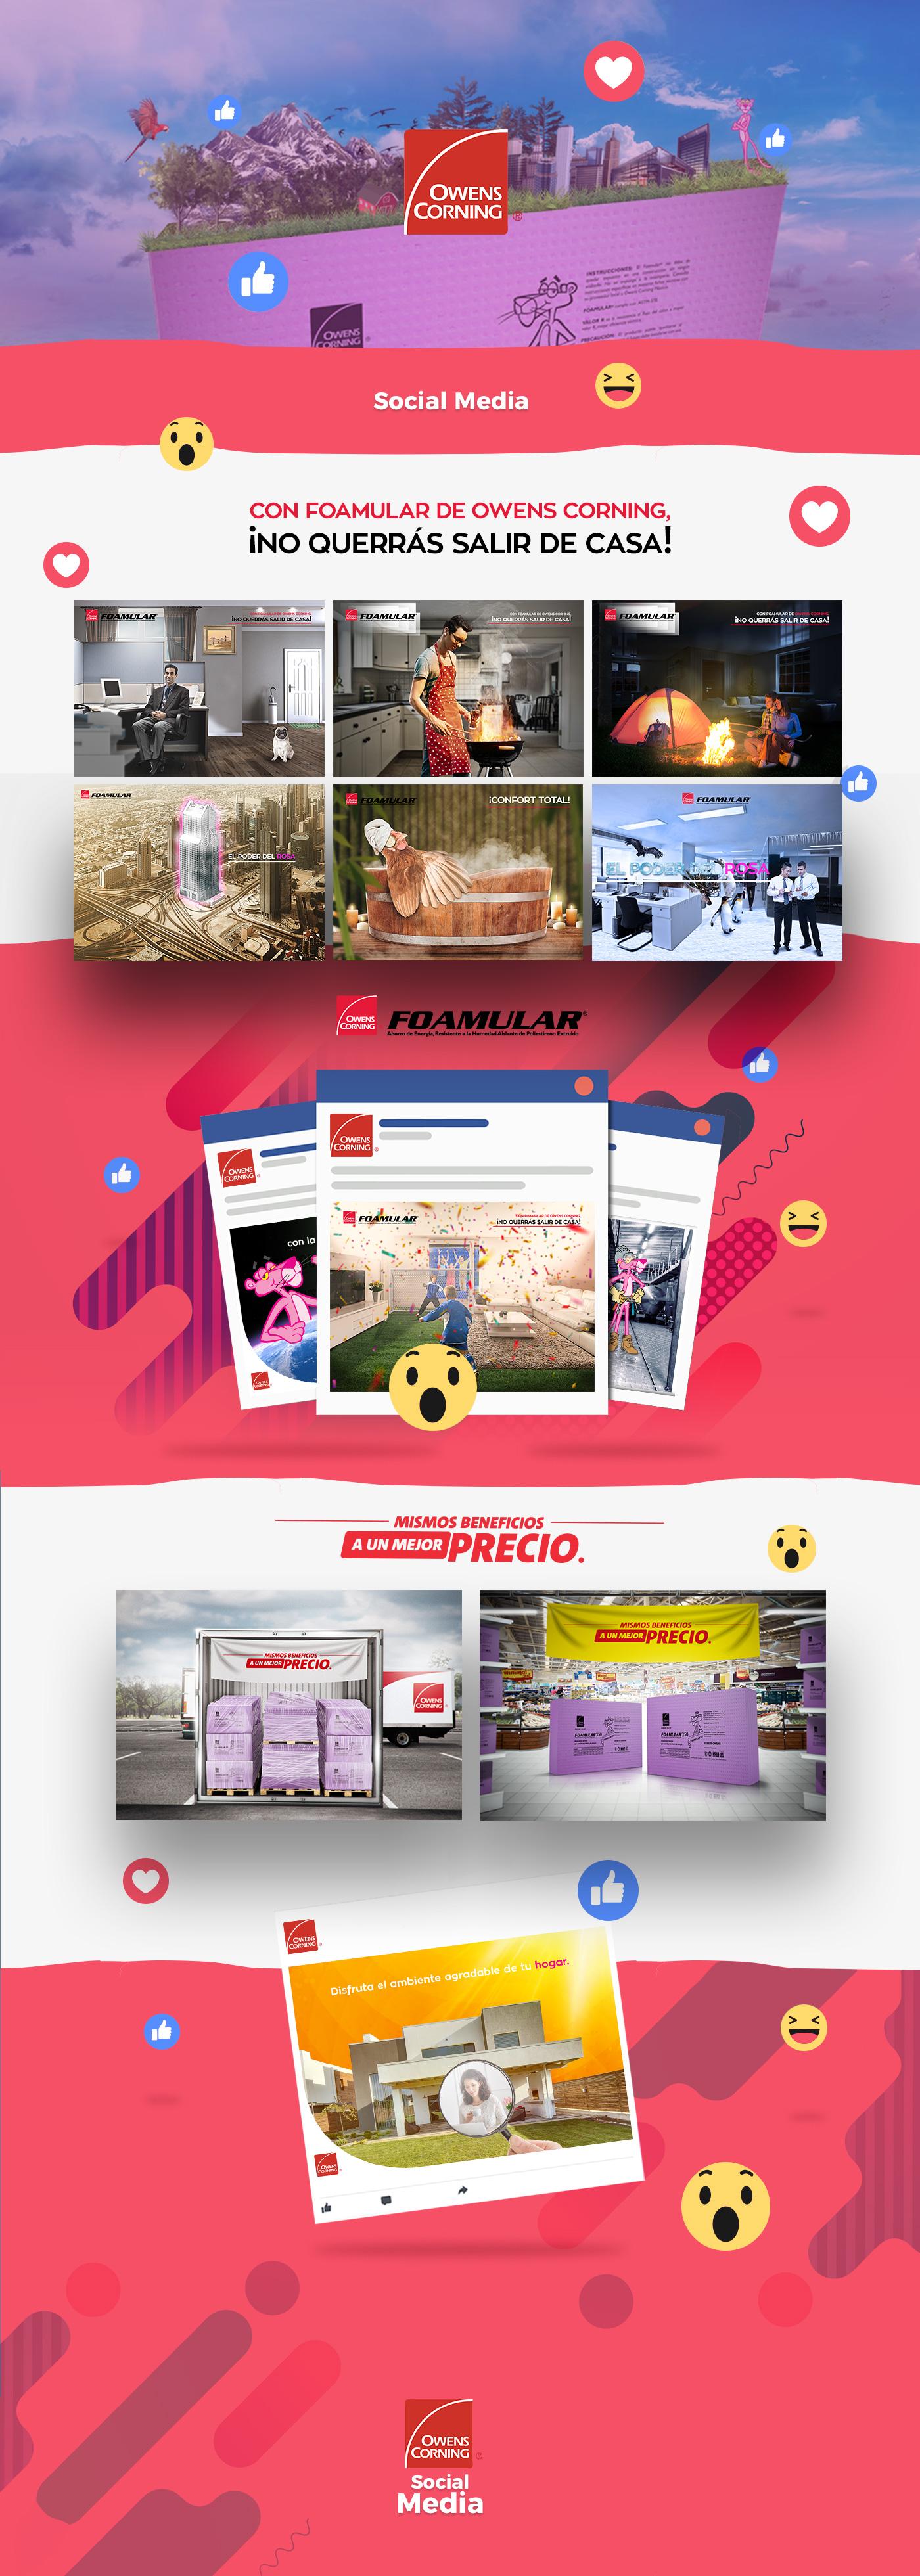 marketing digital guadalajara, agencias de publicidad guadalajara, paginas web guadalajara